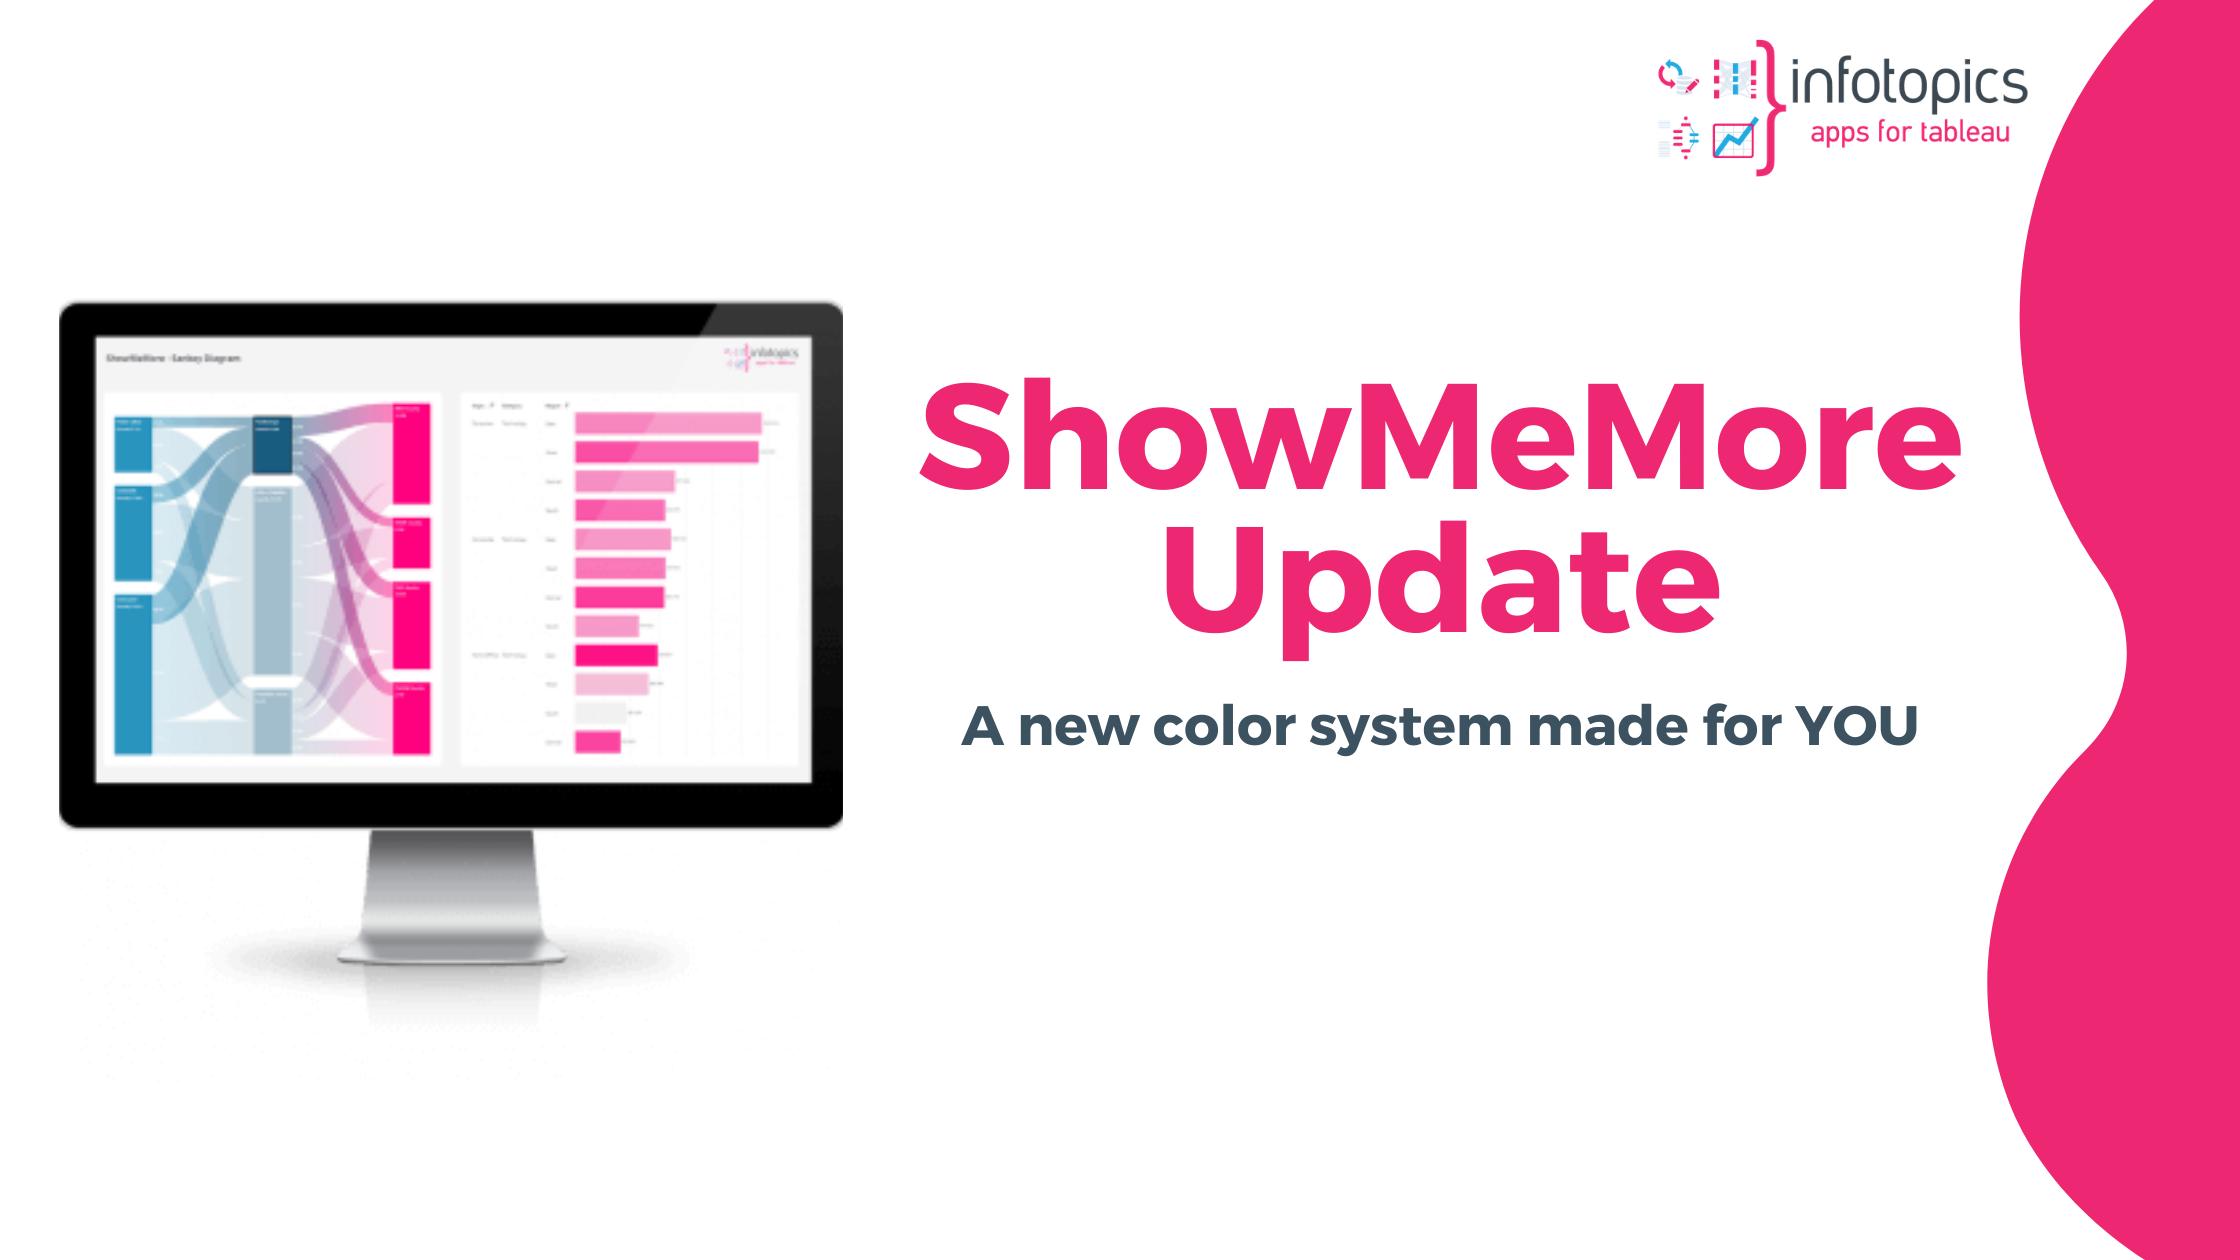 showmemore blog update